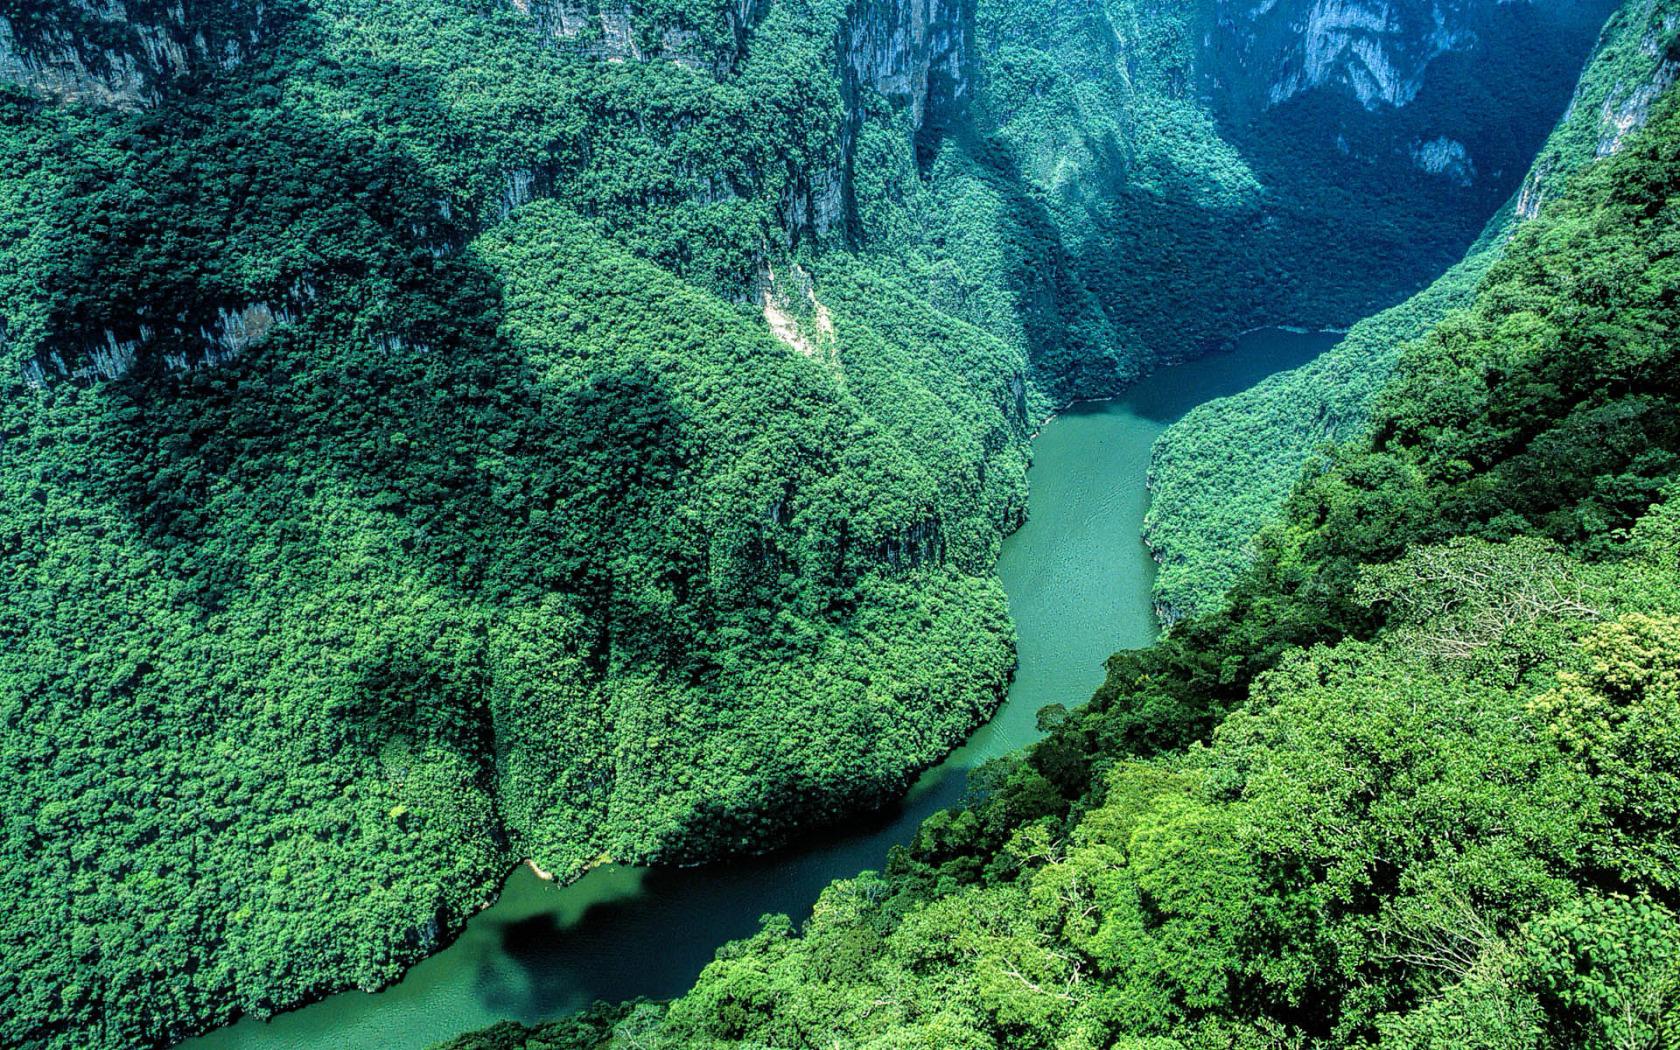 Sumidero Canyon Chiapas Mexico widescreen wallpaper Wide 1680x1050